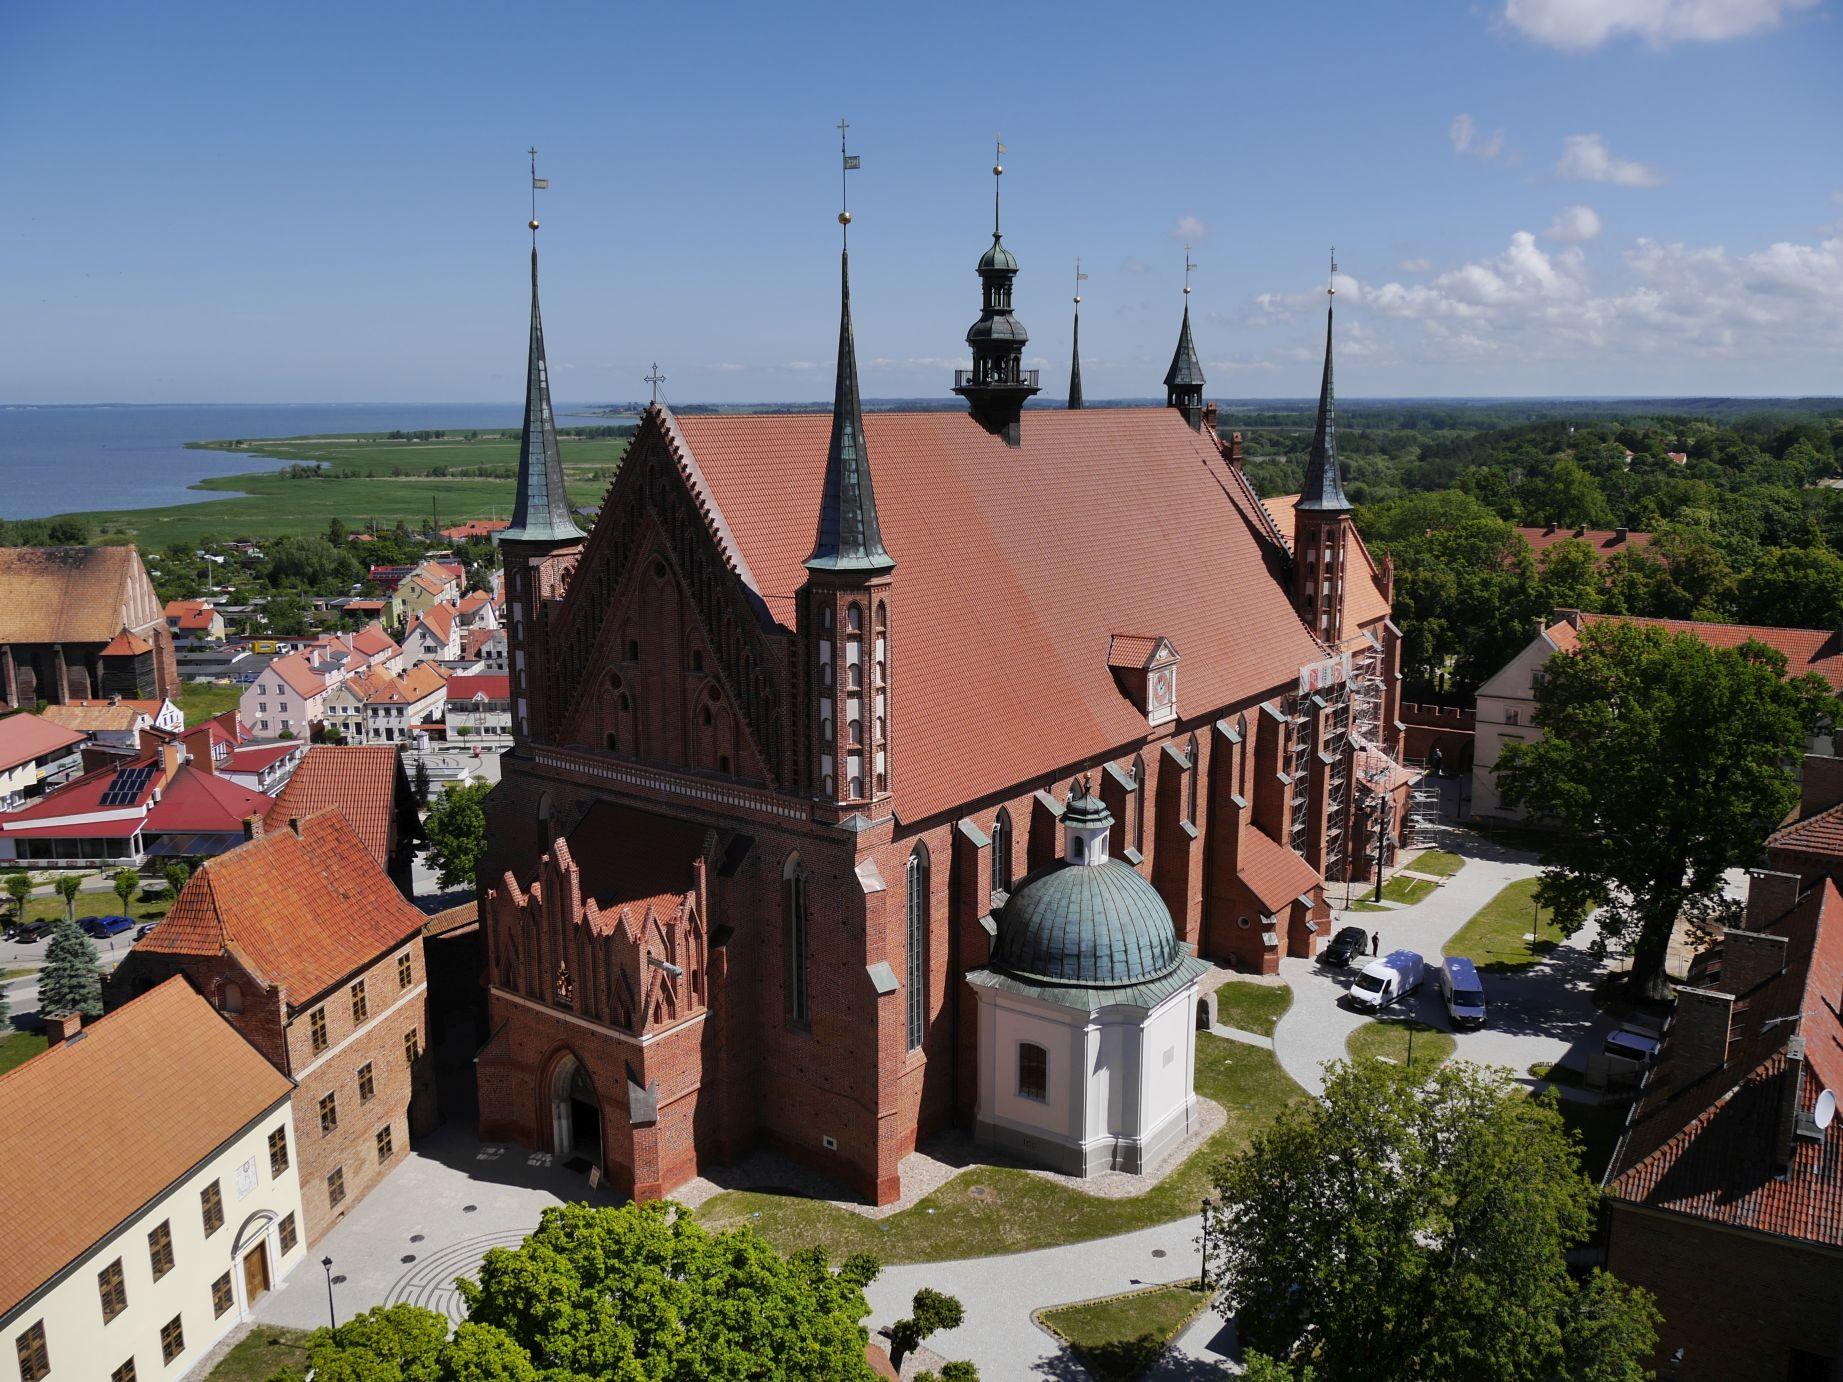 Dom in Frauenburg (Fromborg)